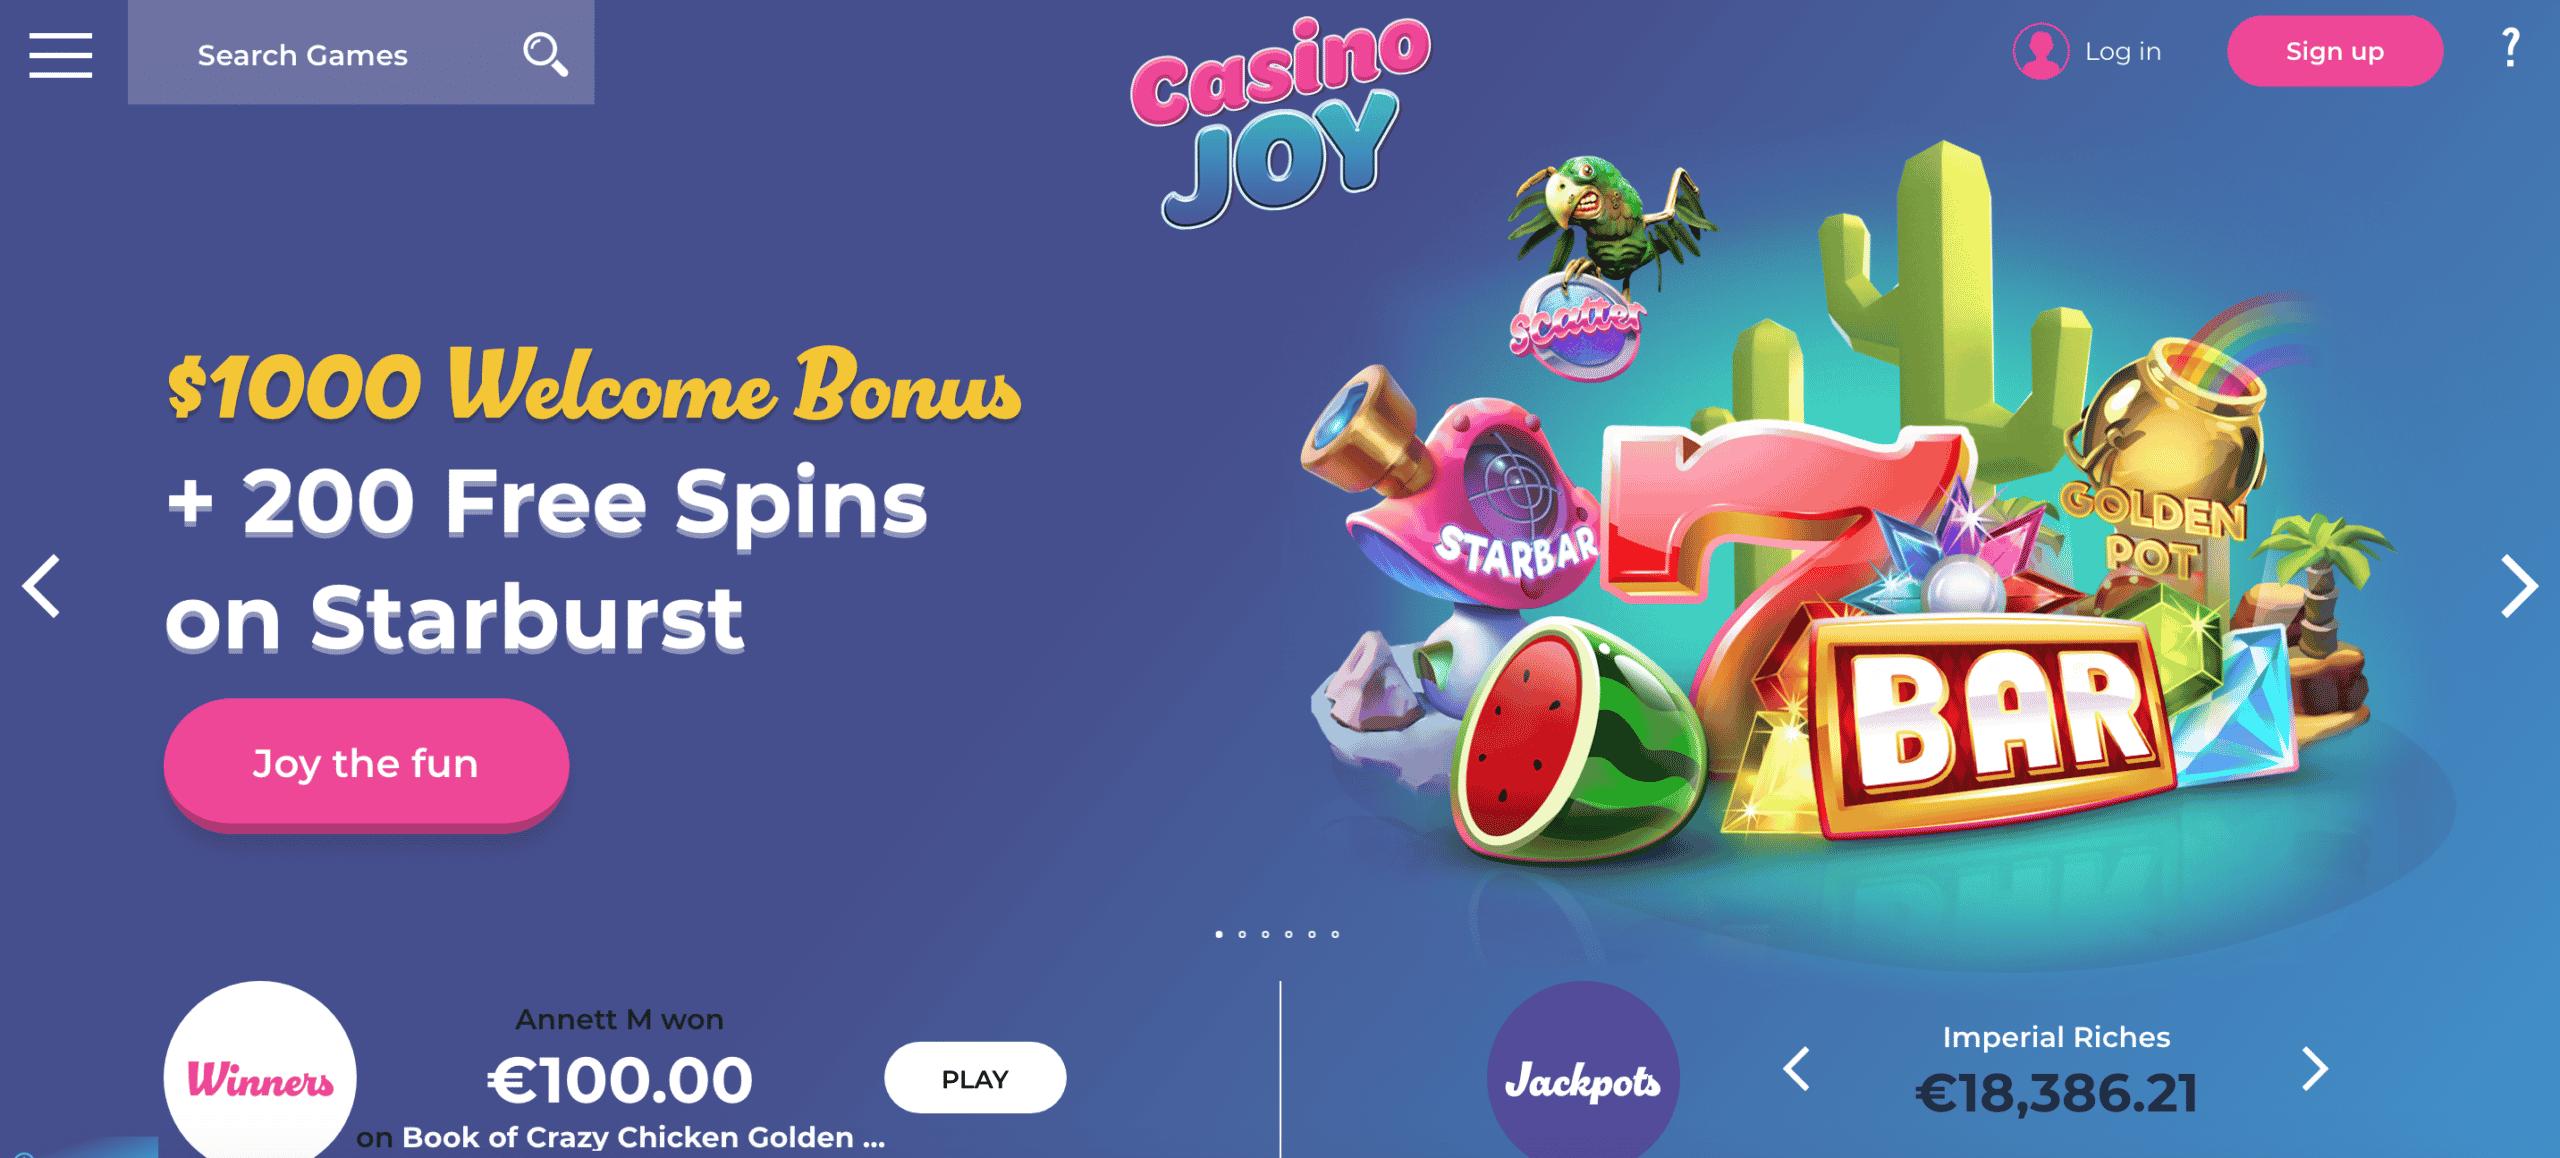 casino joy screen shot